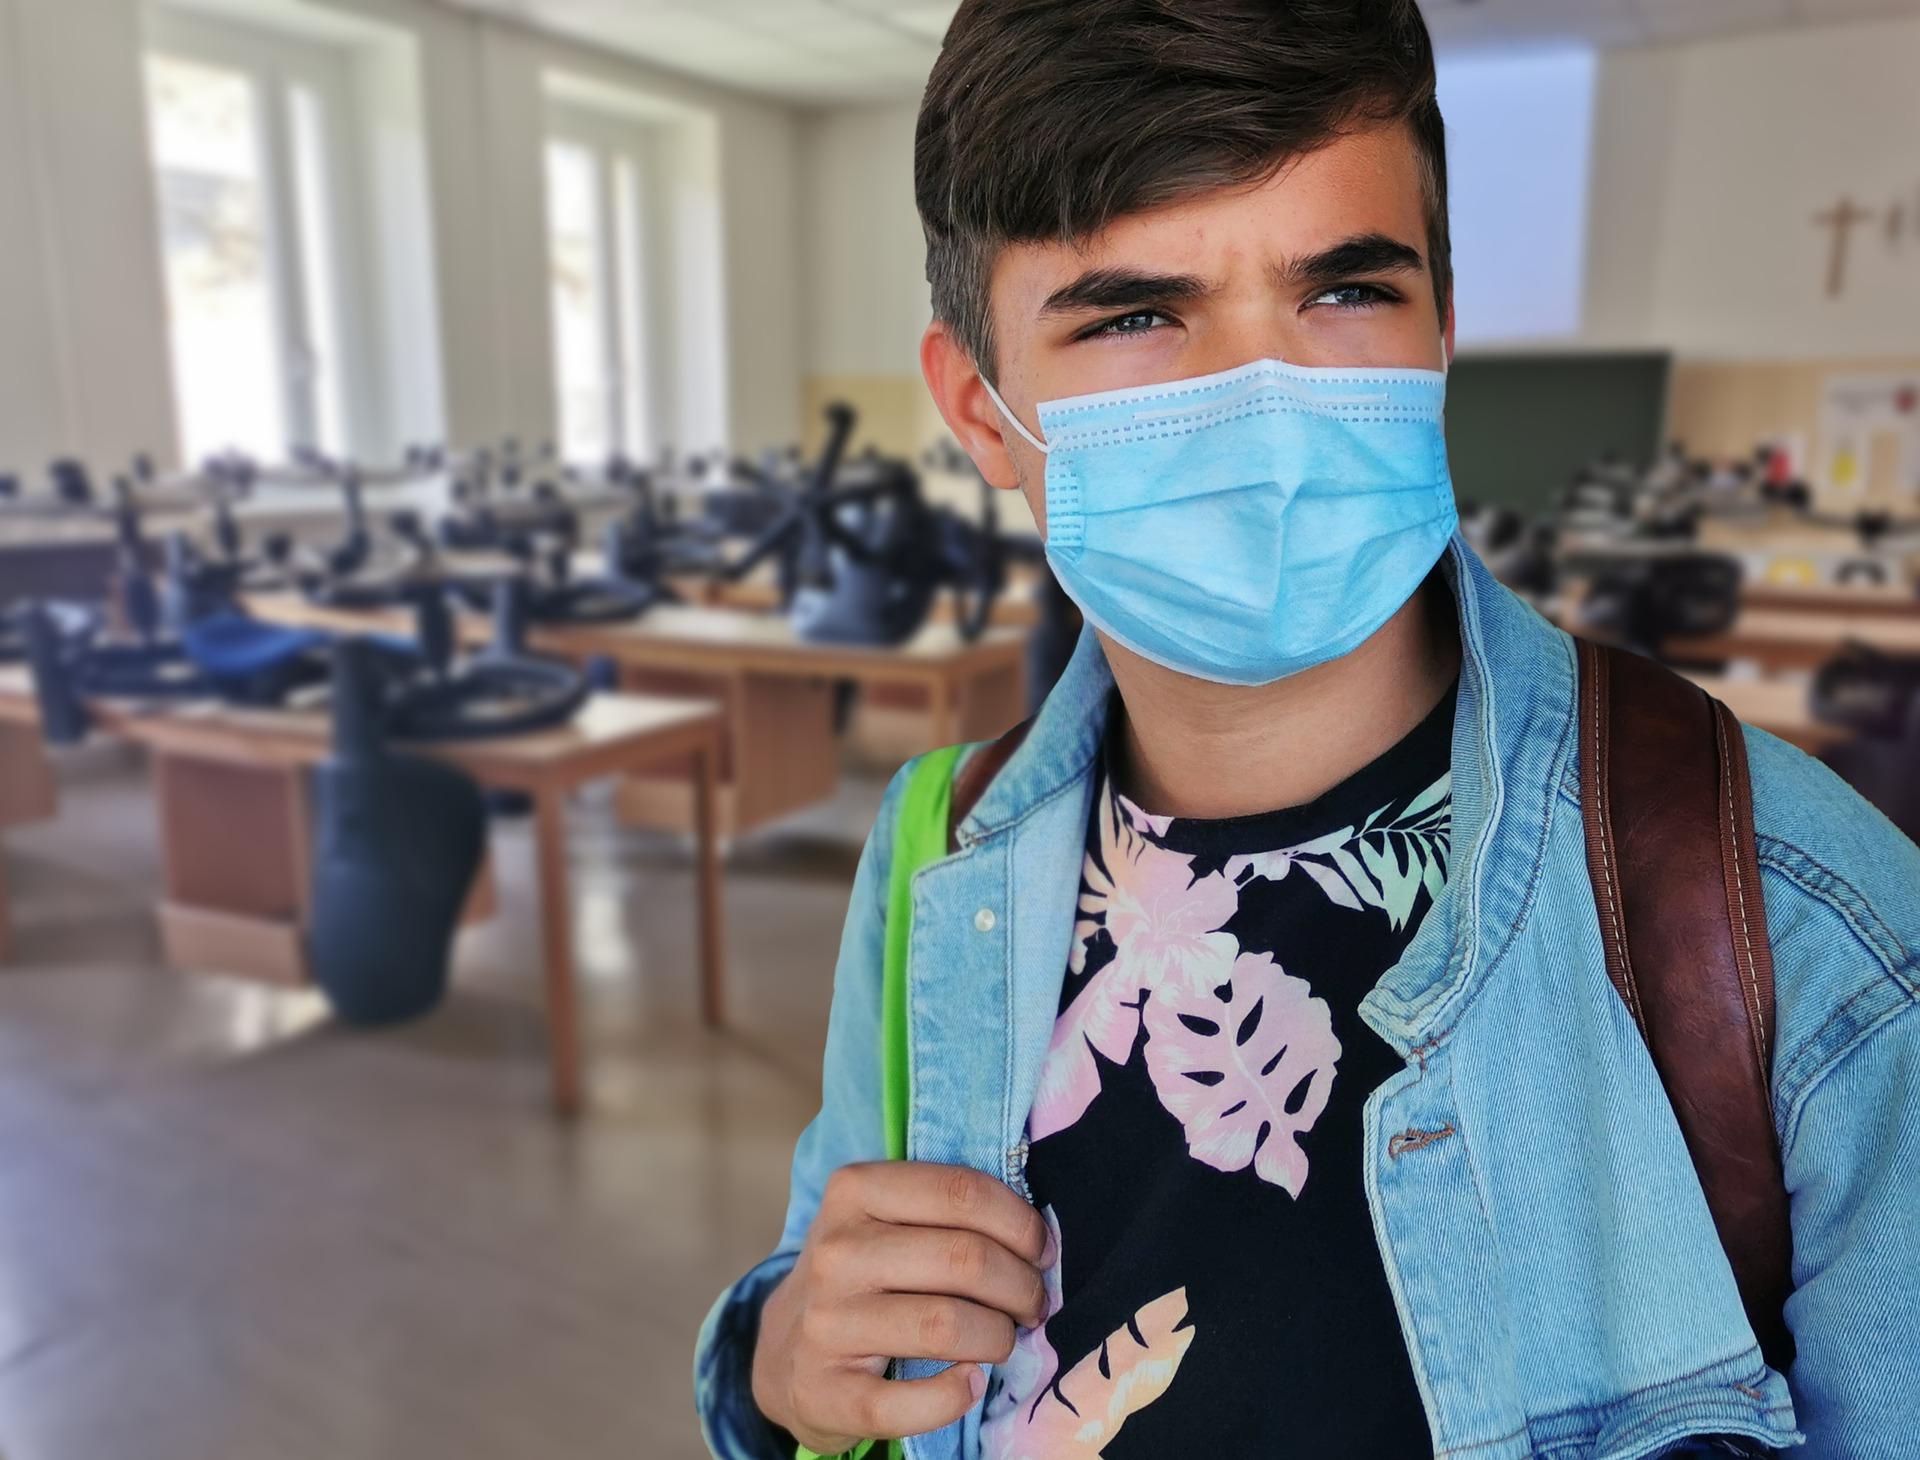 Es importante que niños y niñas sigan las normas de prevención sanitaria para que la vuelta al cole en pandemia sea segura.